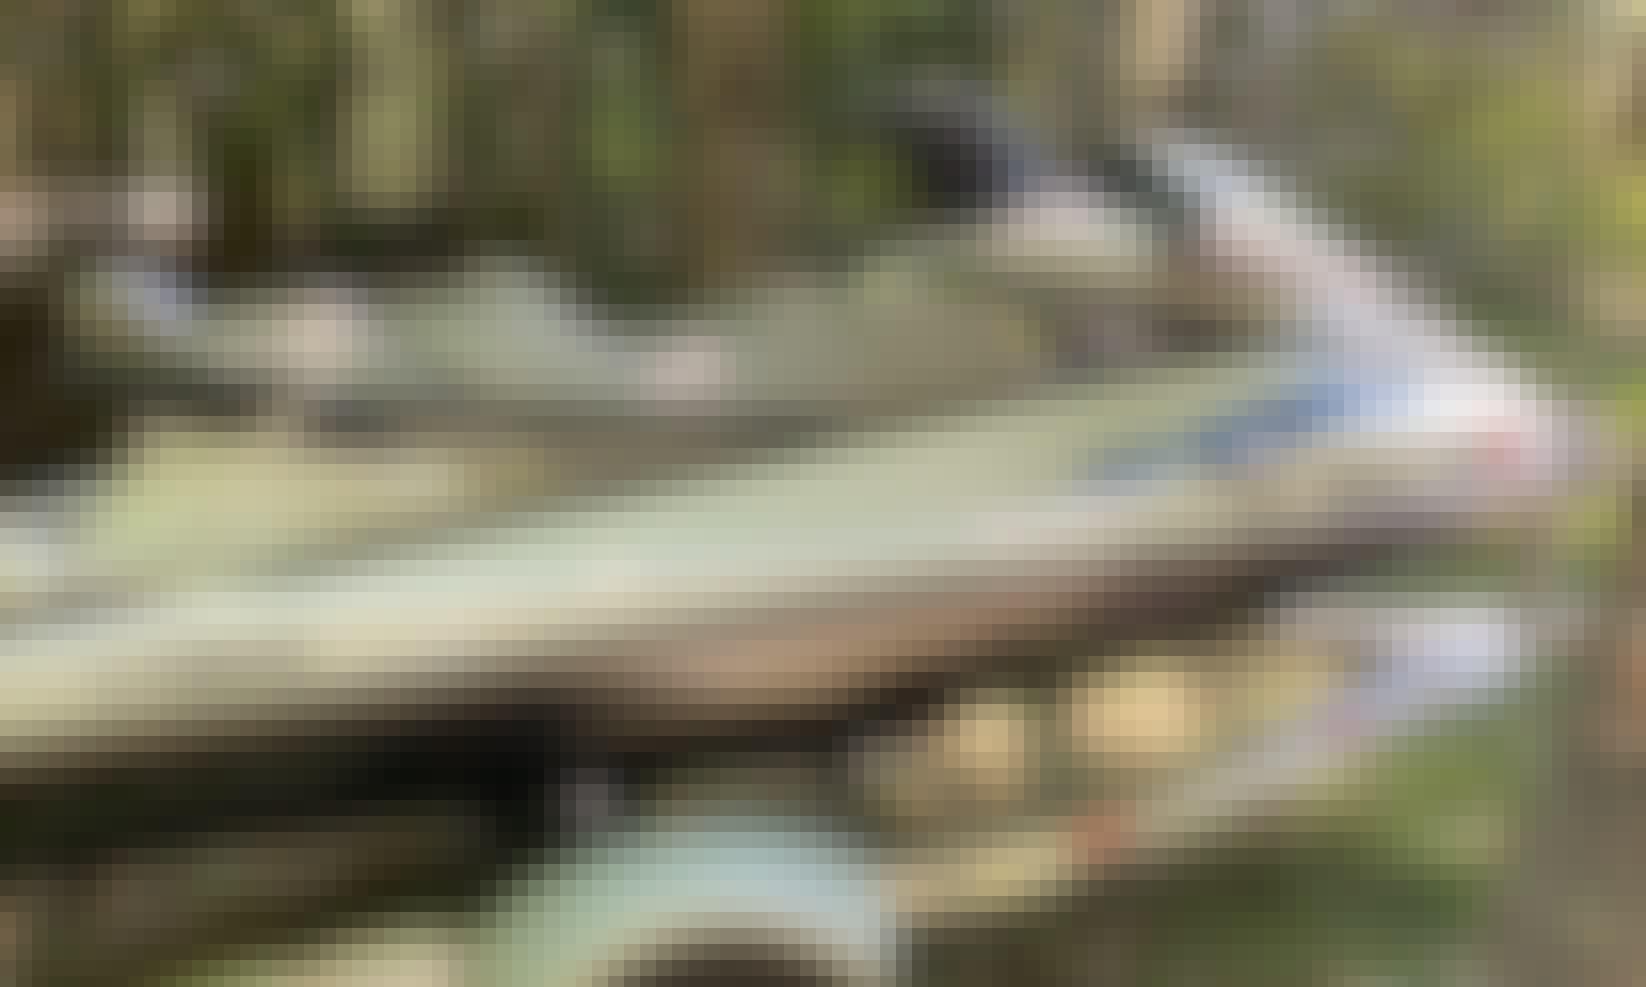 Yamaha Waverunner Jet Ski for Rent in Diamond Point